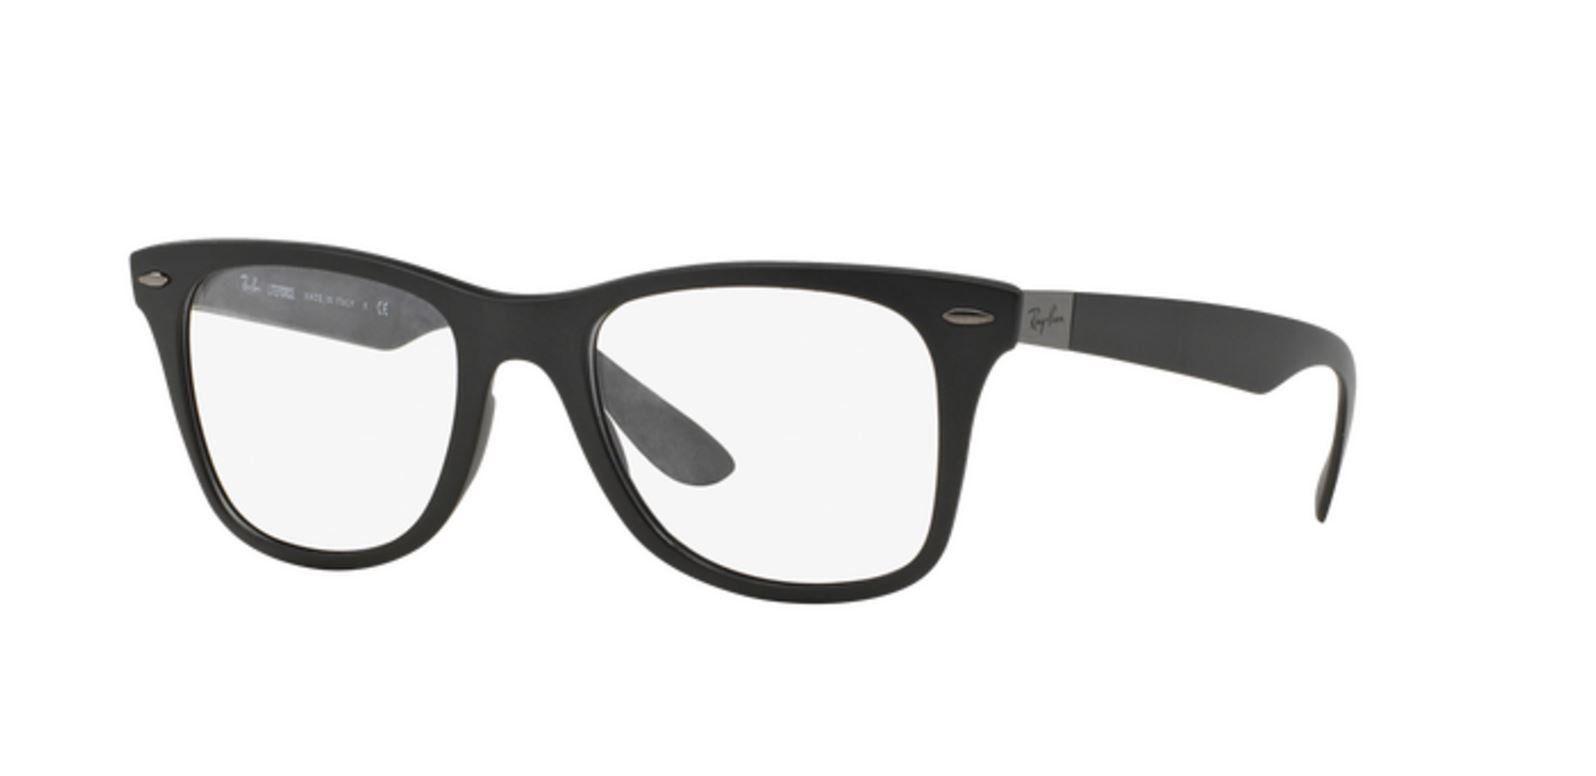 a9c16463295 Ray-Ban Wayfarer Eyeglasses RX7034-5204 Matte Frame